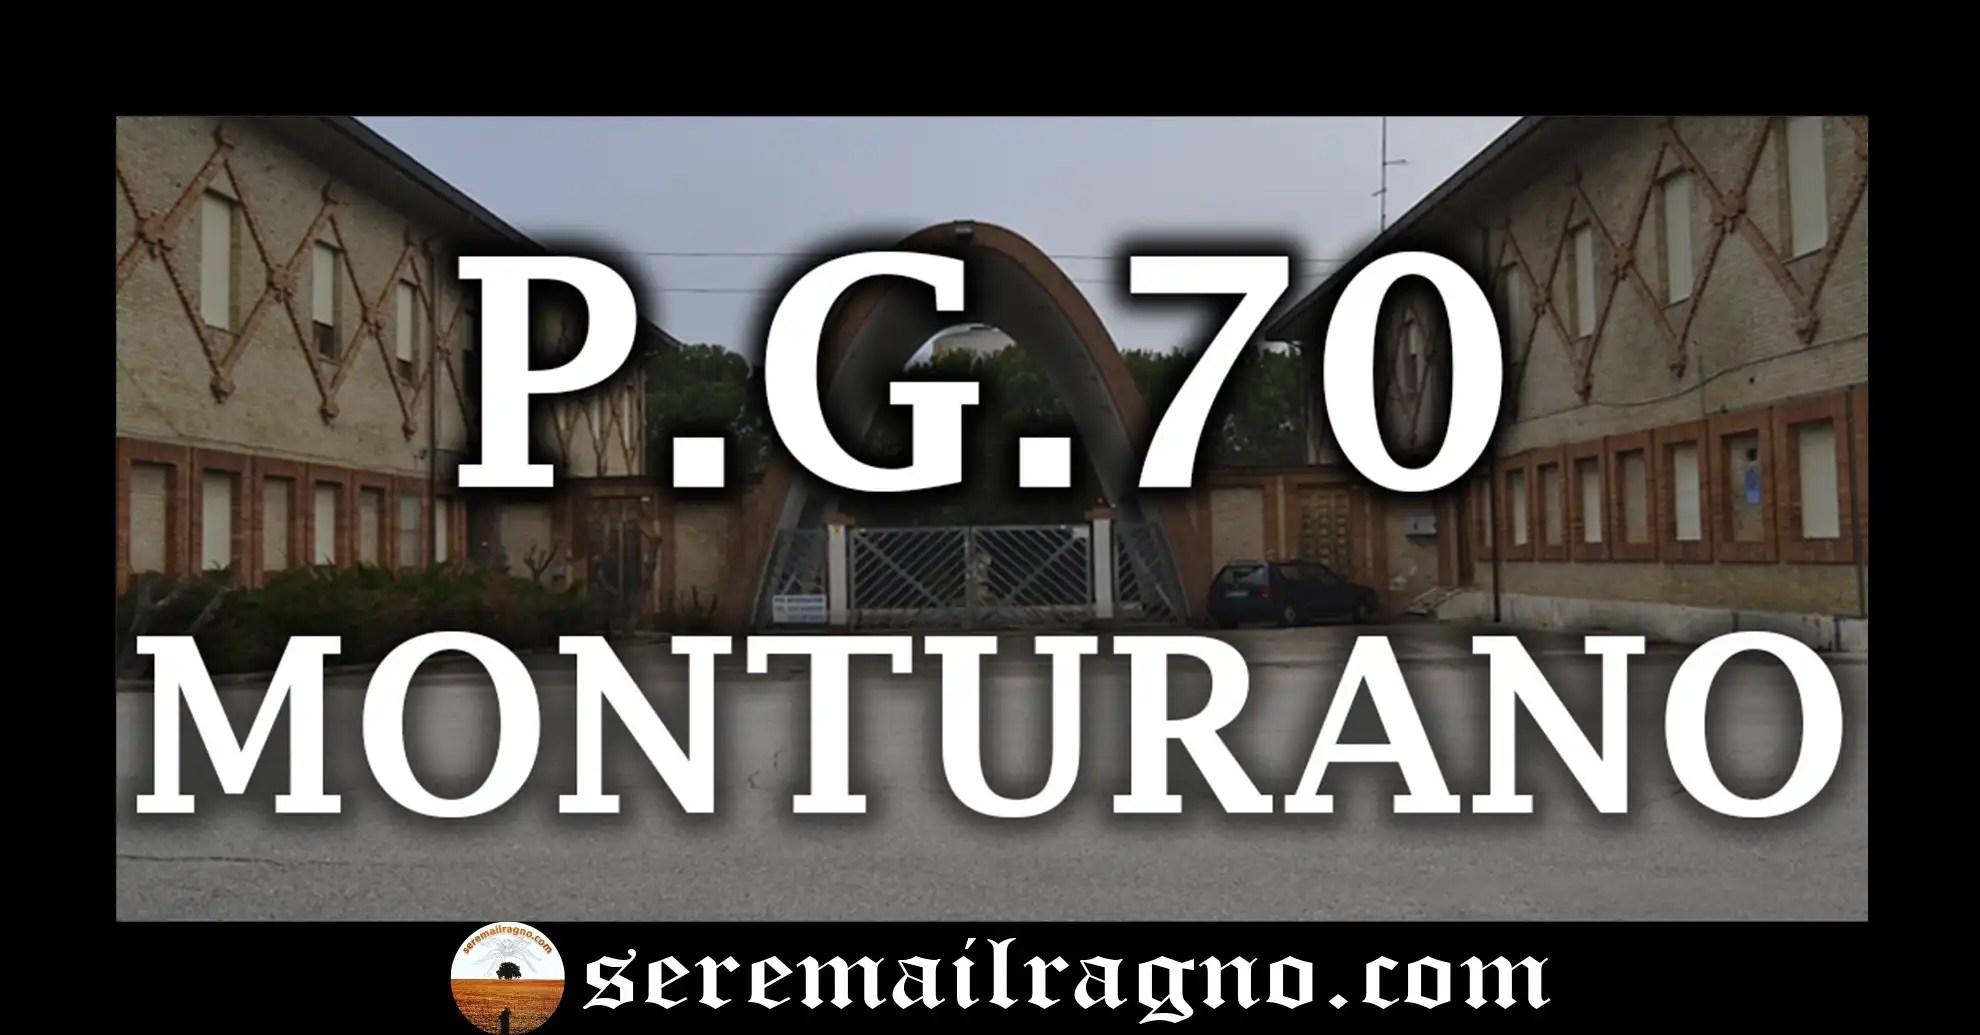 CRONOLOGIA STORICA DEL P.G.70 E DEL POSTO STRATEGICO